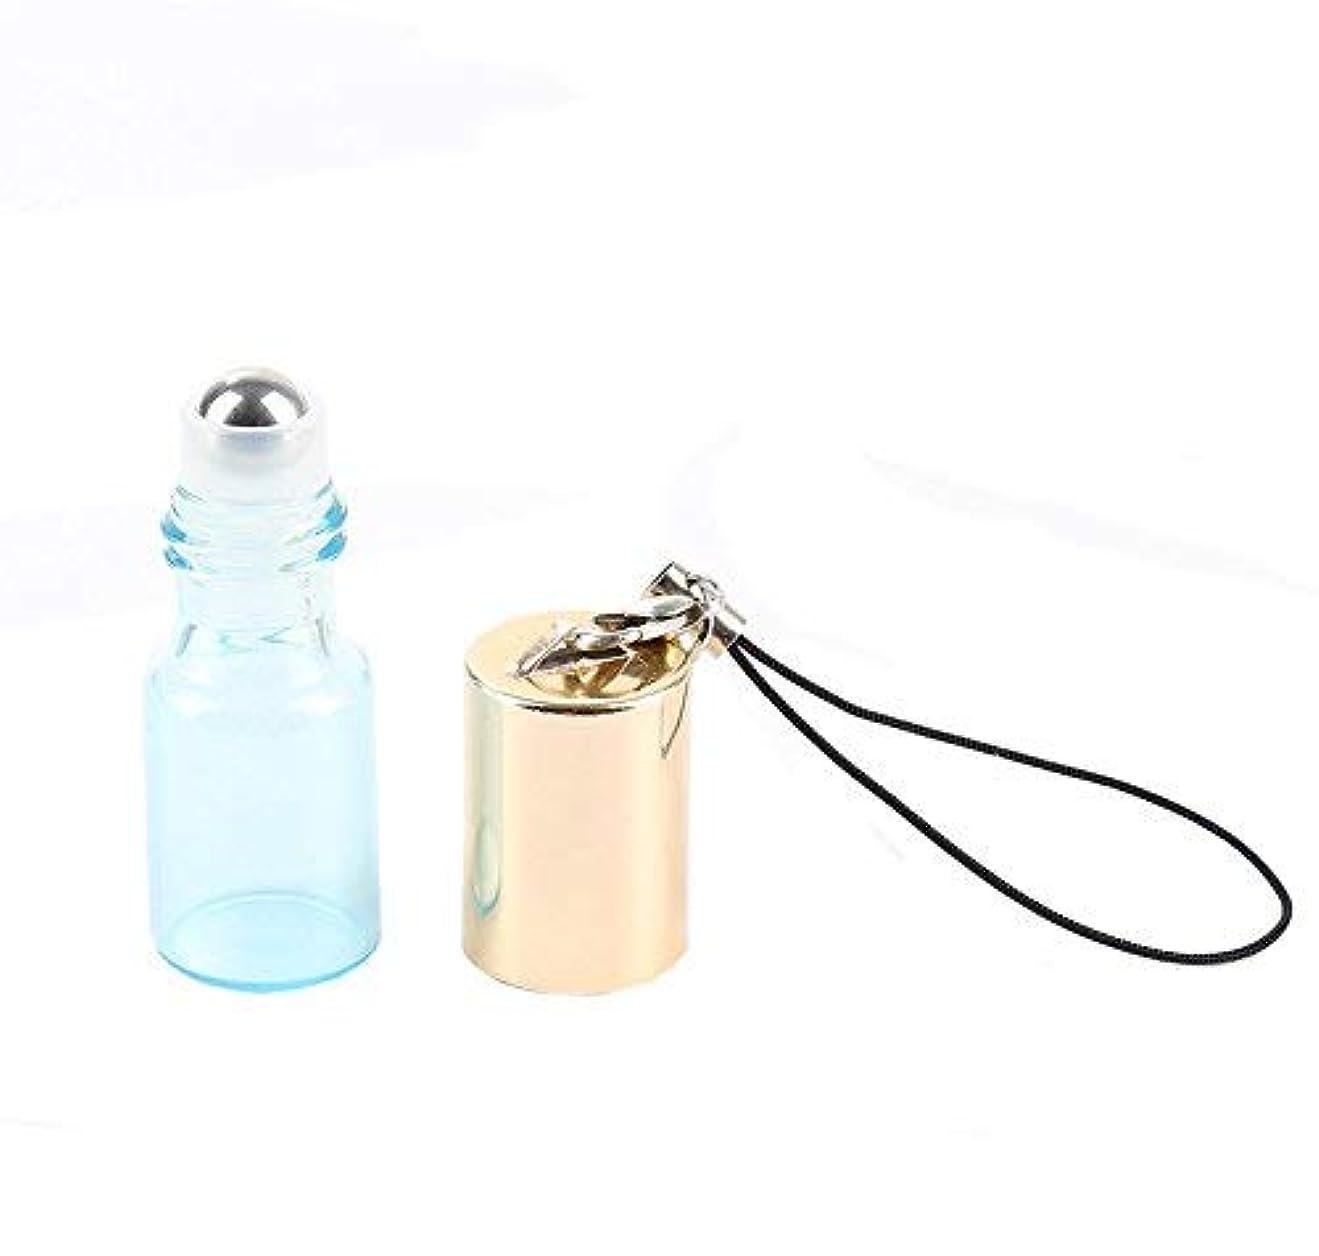 更新囲まれた証拠Empty Roller Bottles - Pack of 12 3ml Pearl Colored Glass Roll-on Bottles for Essential Oil Container with Golden Hanging Lids and 1Pc 3ml Droppers Included (Blue) [並行輸入品]